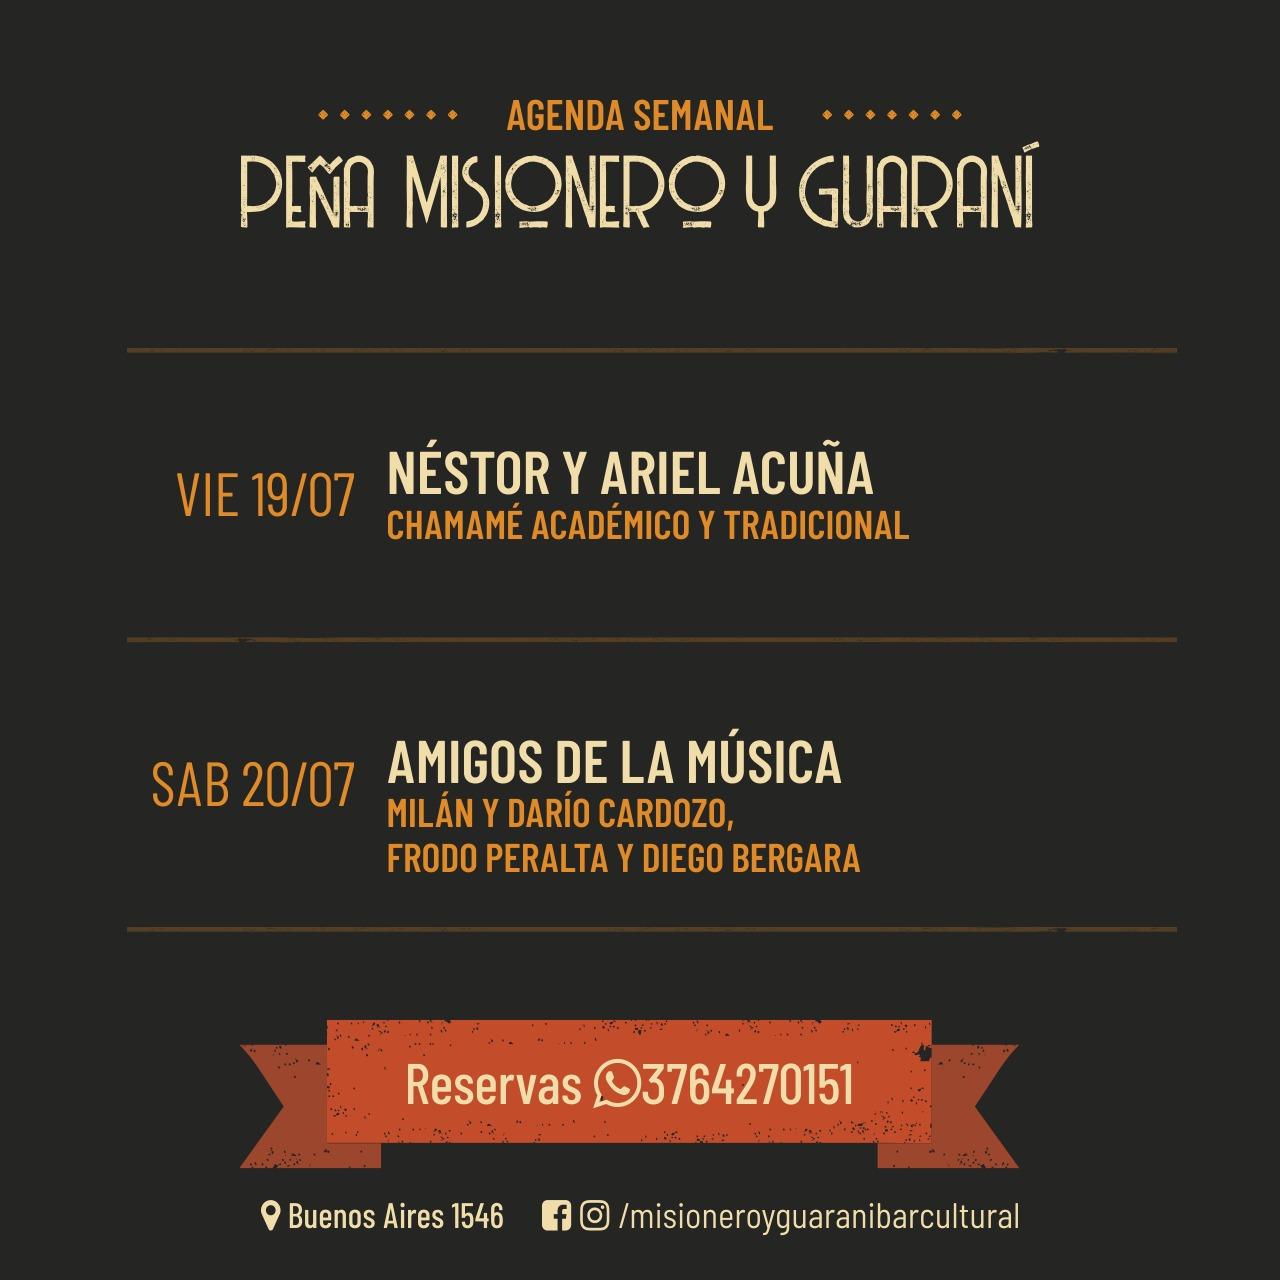 El Día del Amigo, se festeja con música en la peña Misionero y Guaraní